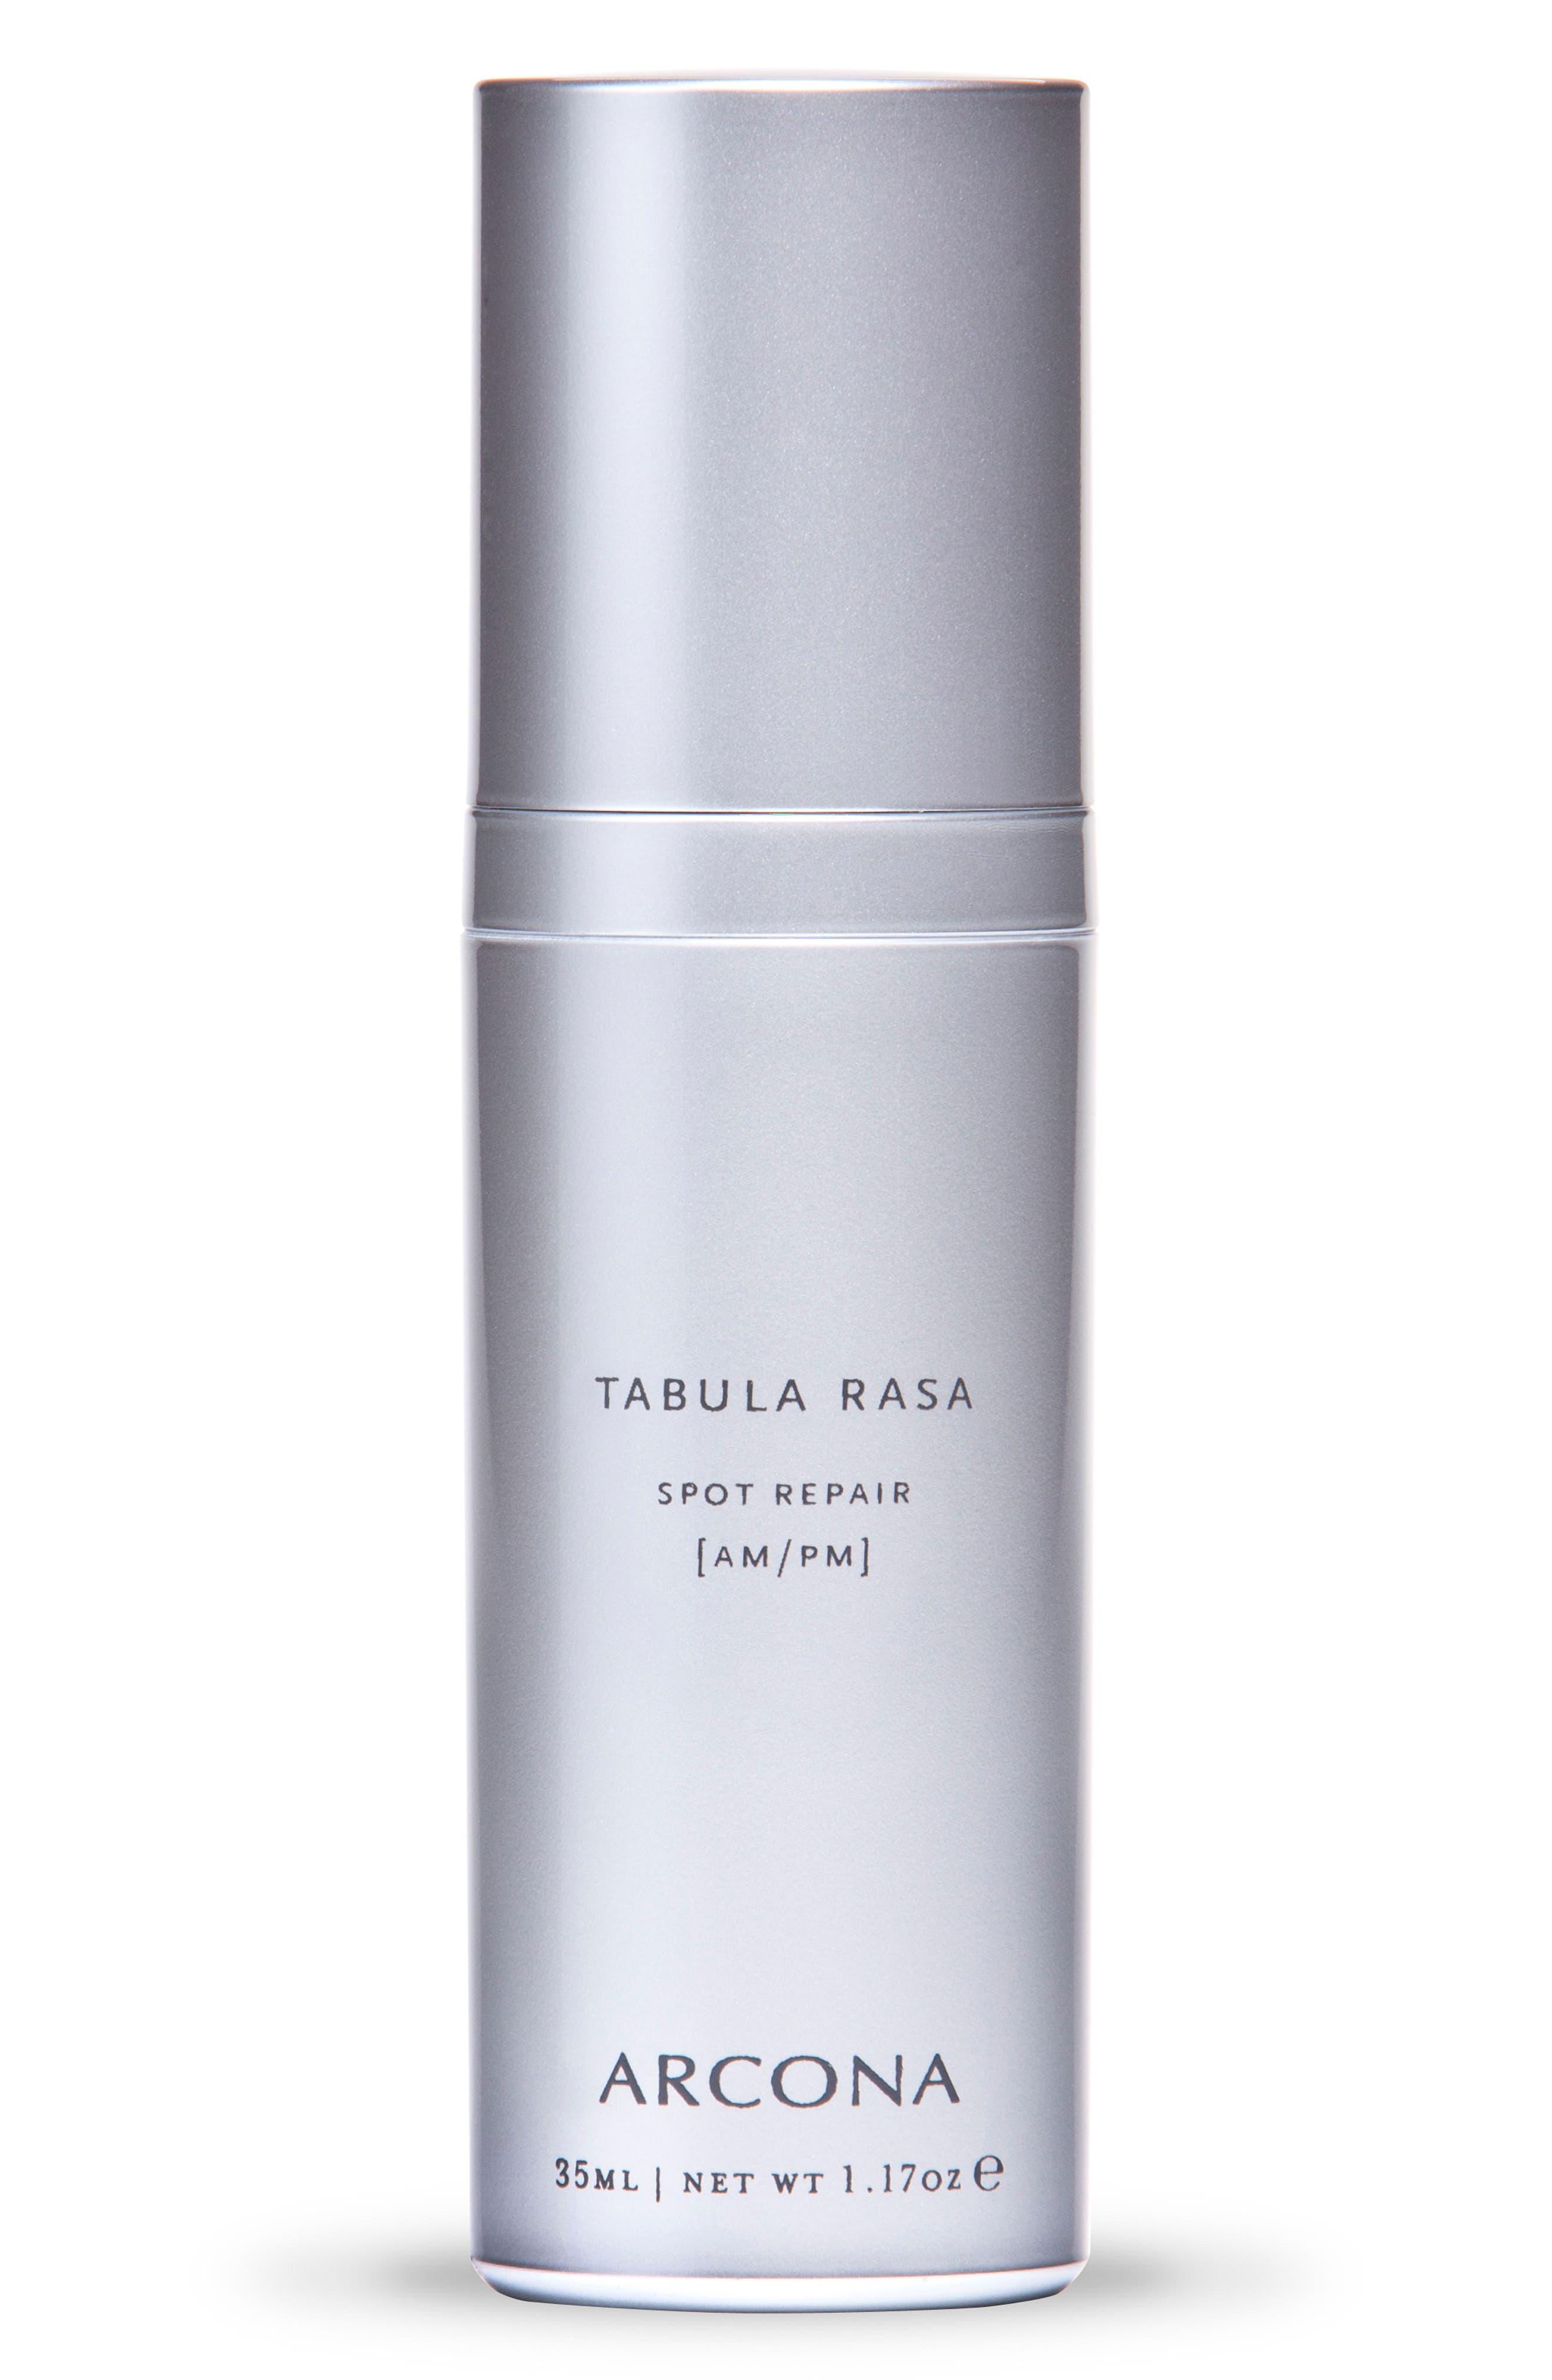 Main Image - ARCONA Tabula Rasa Spot Repair